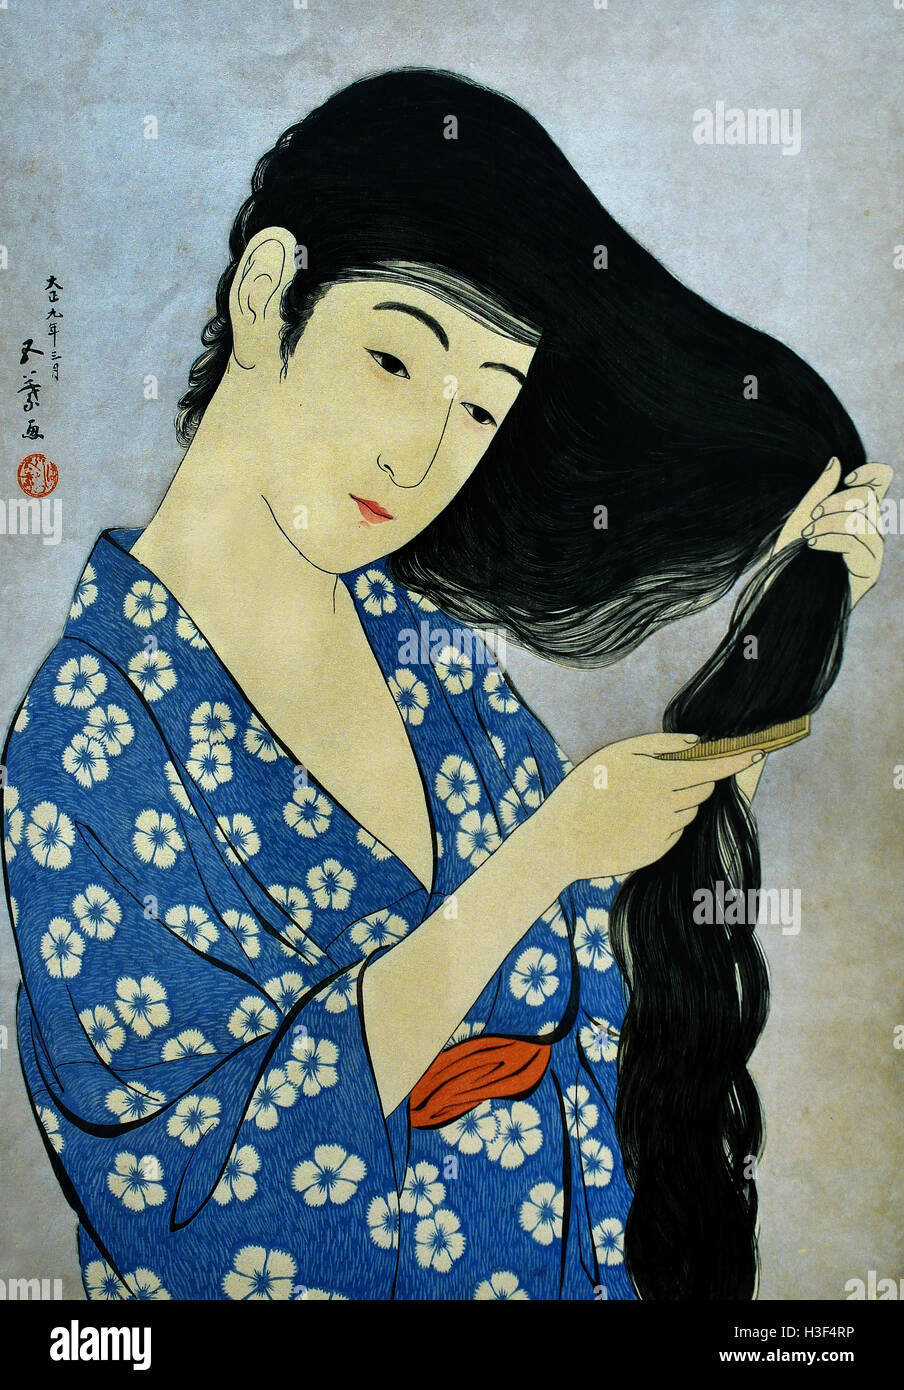 Frau, Kämmen ihr Haar 1920 Hashiguchi Goyo 1880-1921 Tokyo Japan (Farbe Holzschnitt auf Papier) Stockbild